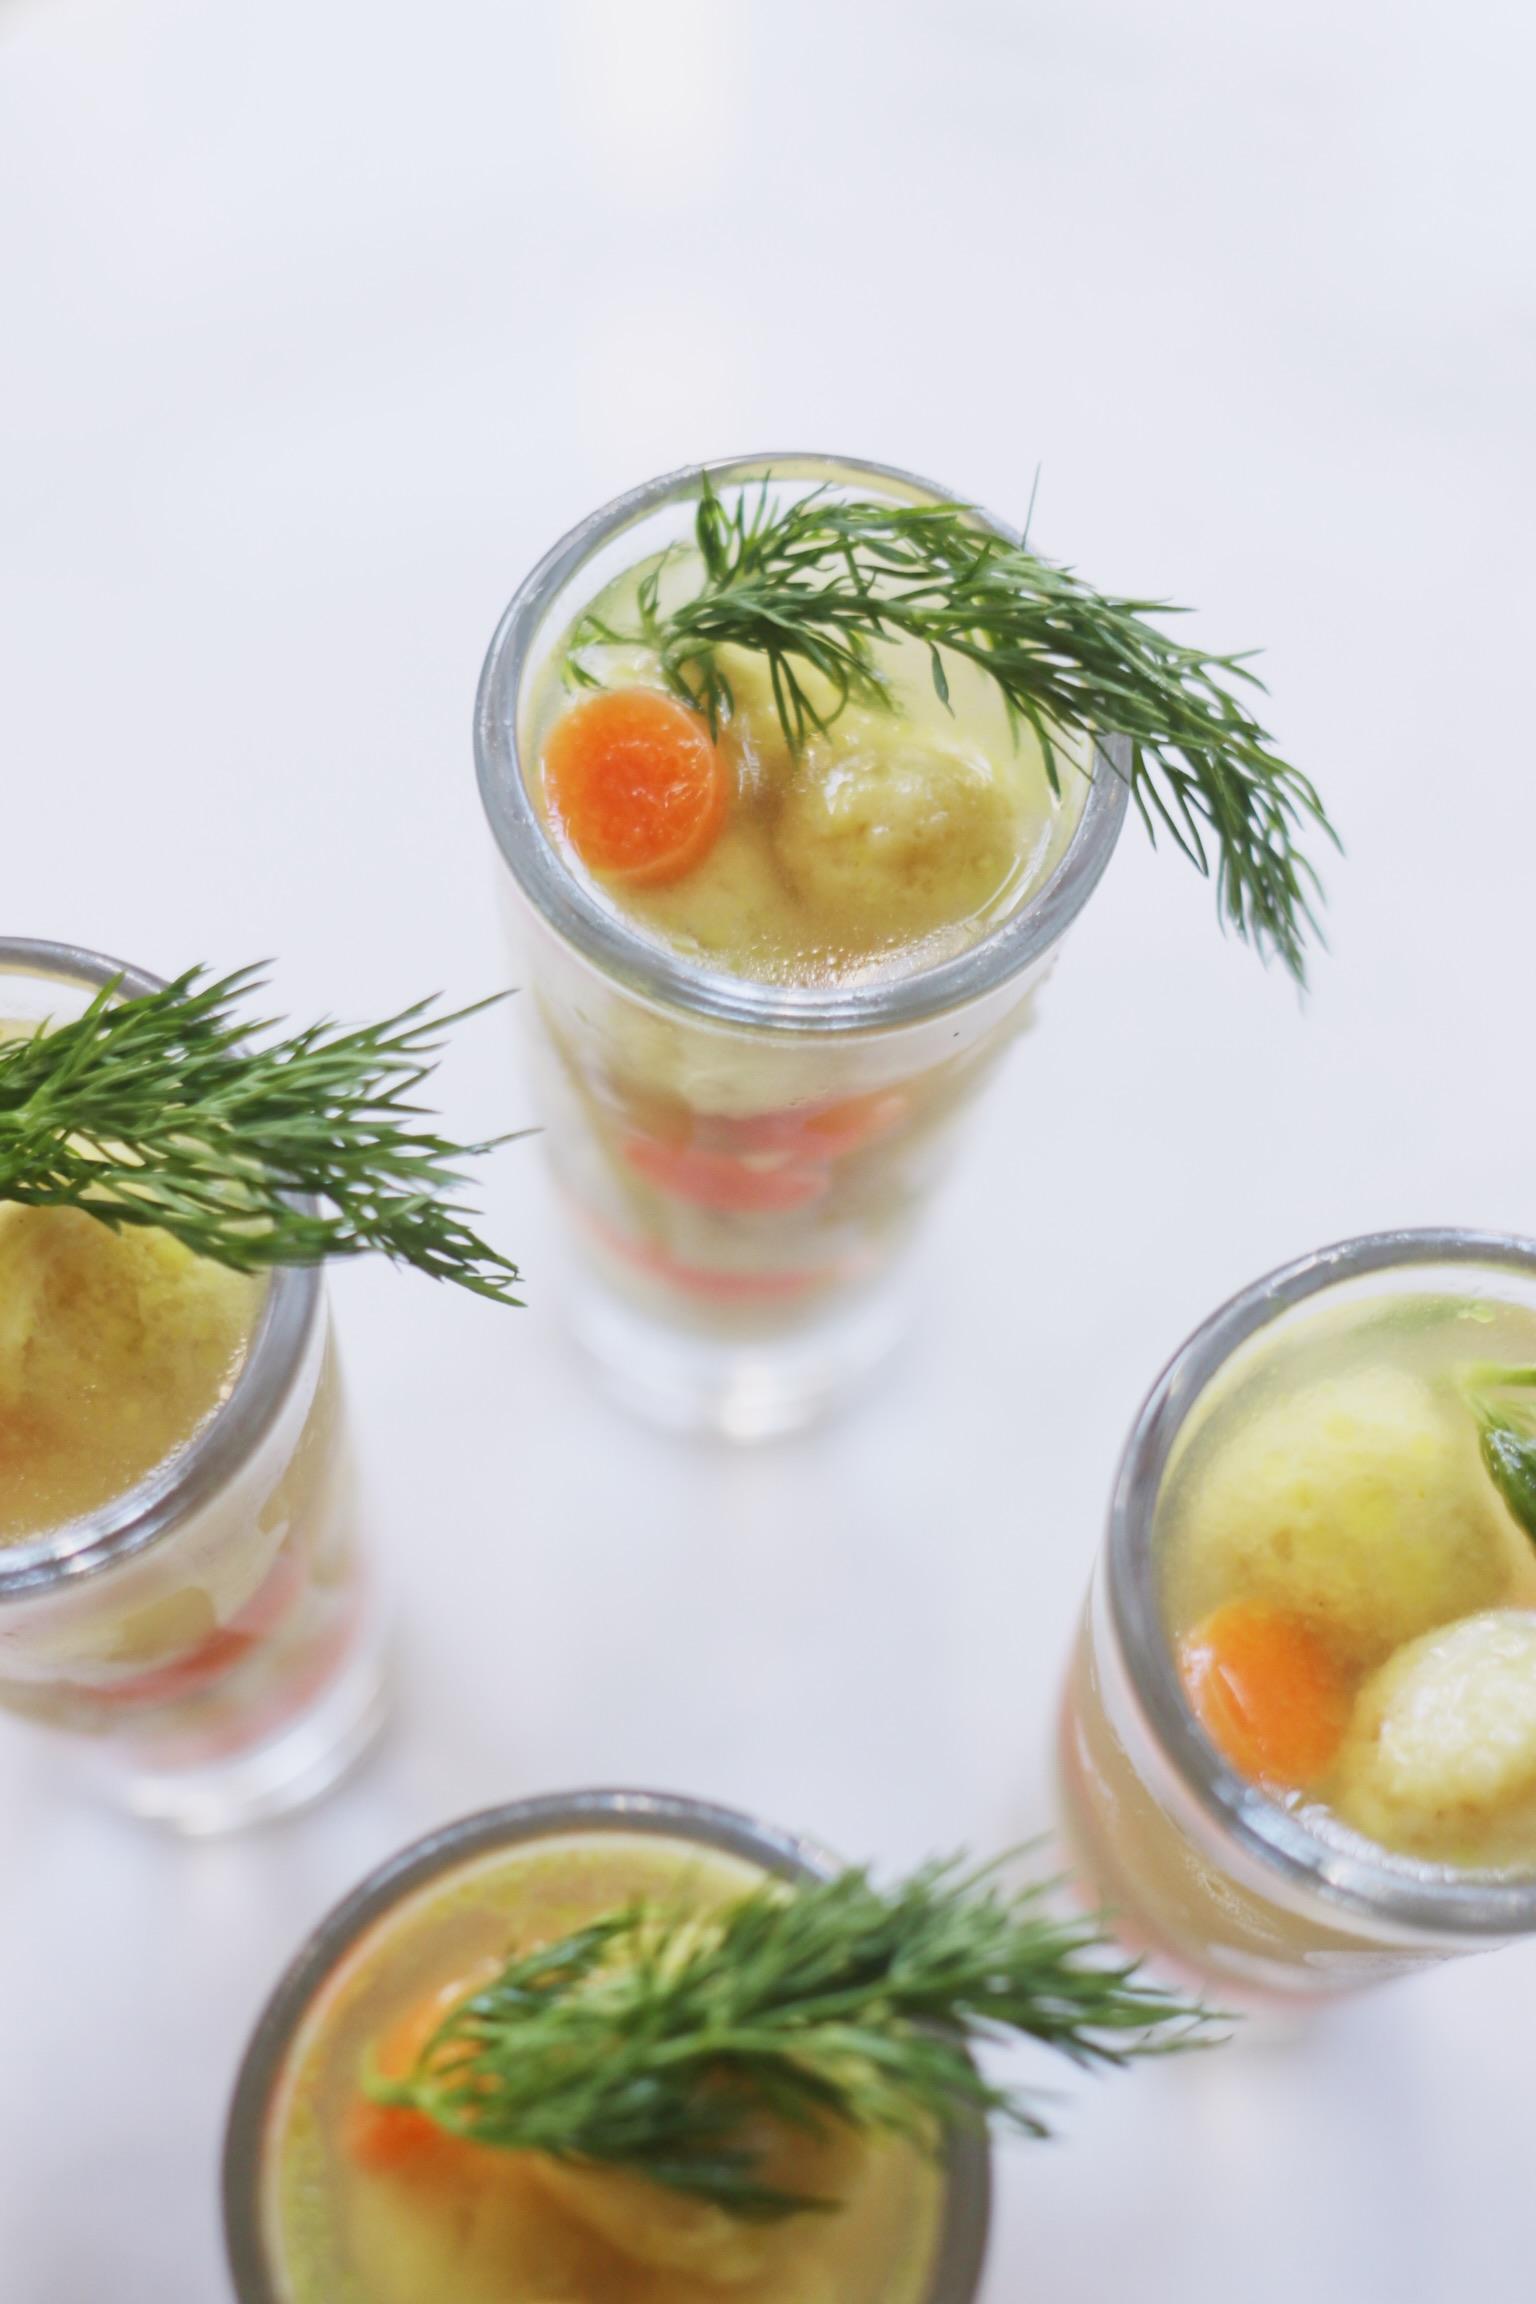 passover-appetizers-matzah-ball-soup-recipe-3.jpeg